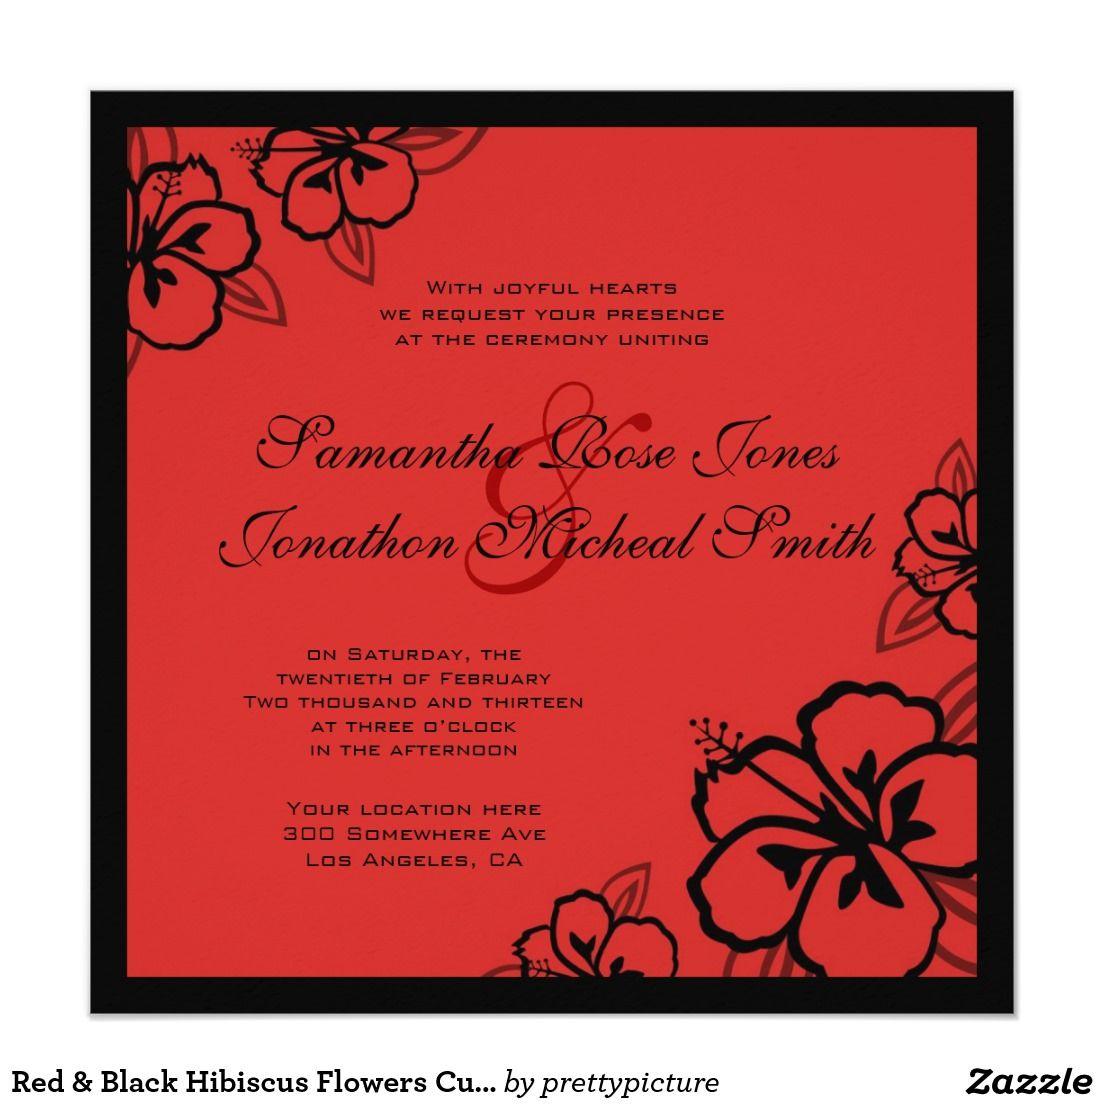 Red & Black Hibiscus Flowers Custom Wedding Card | Hibiscus flowers ...